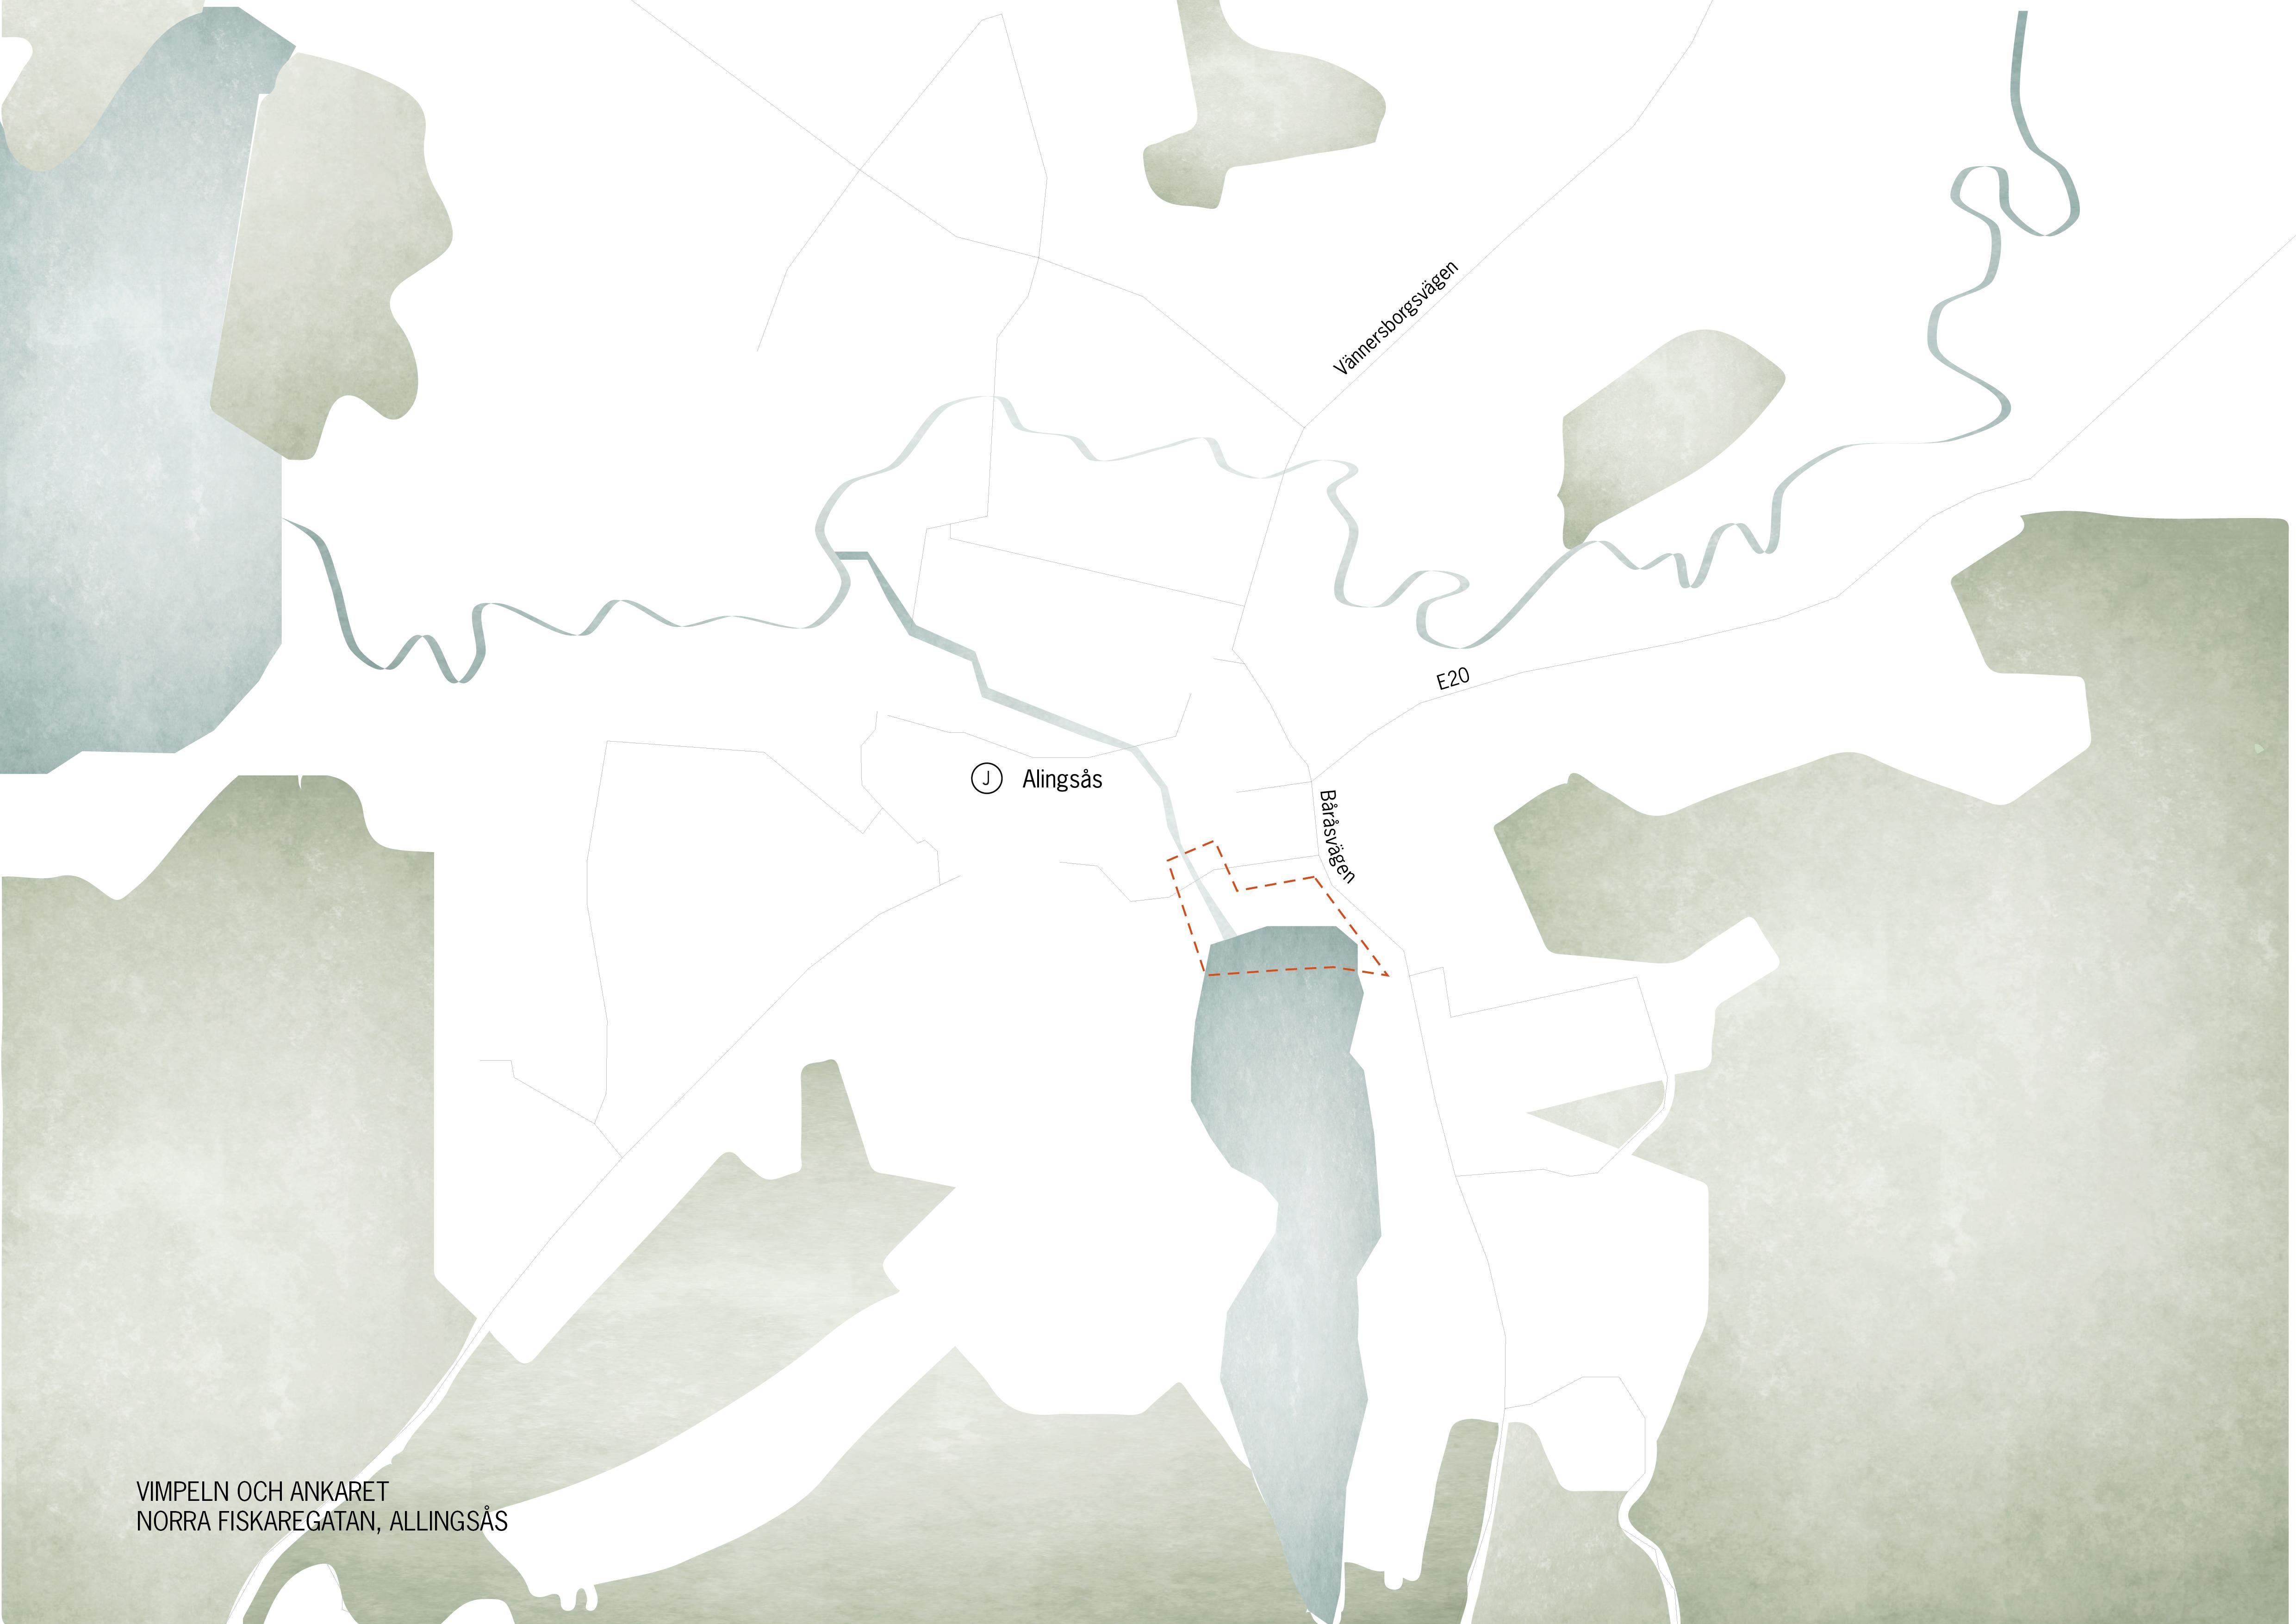 alingsas_LAND_2012_karta-01